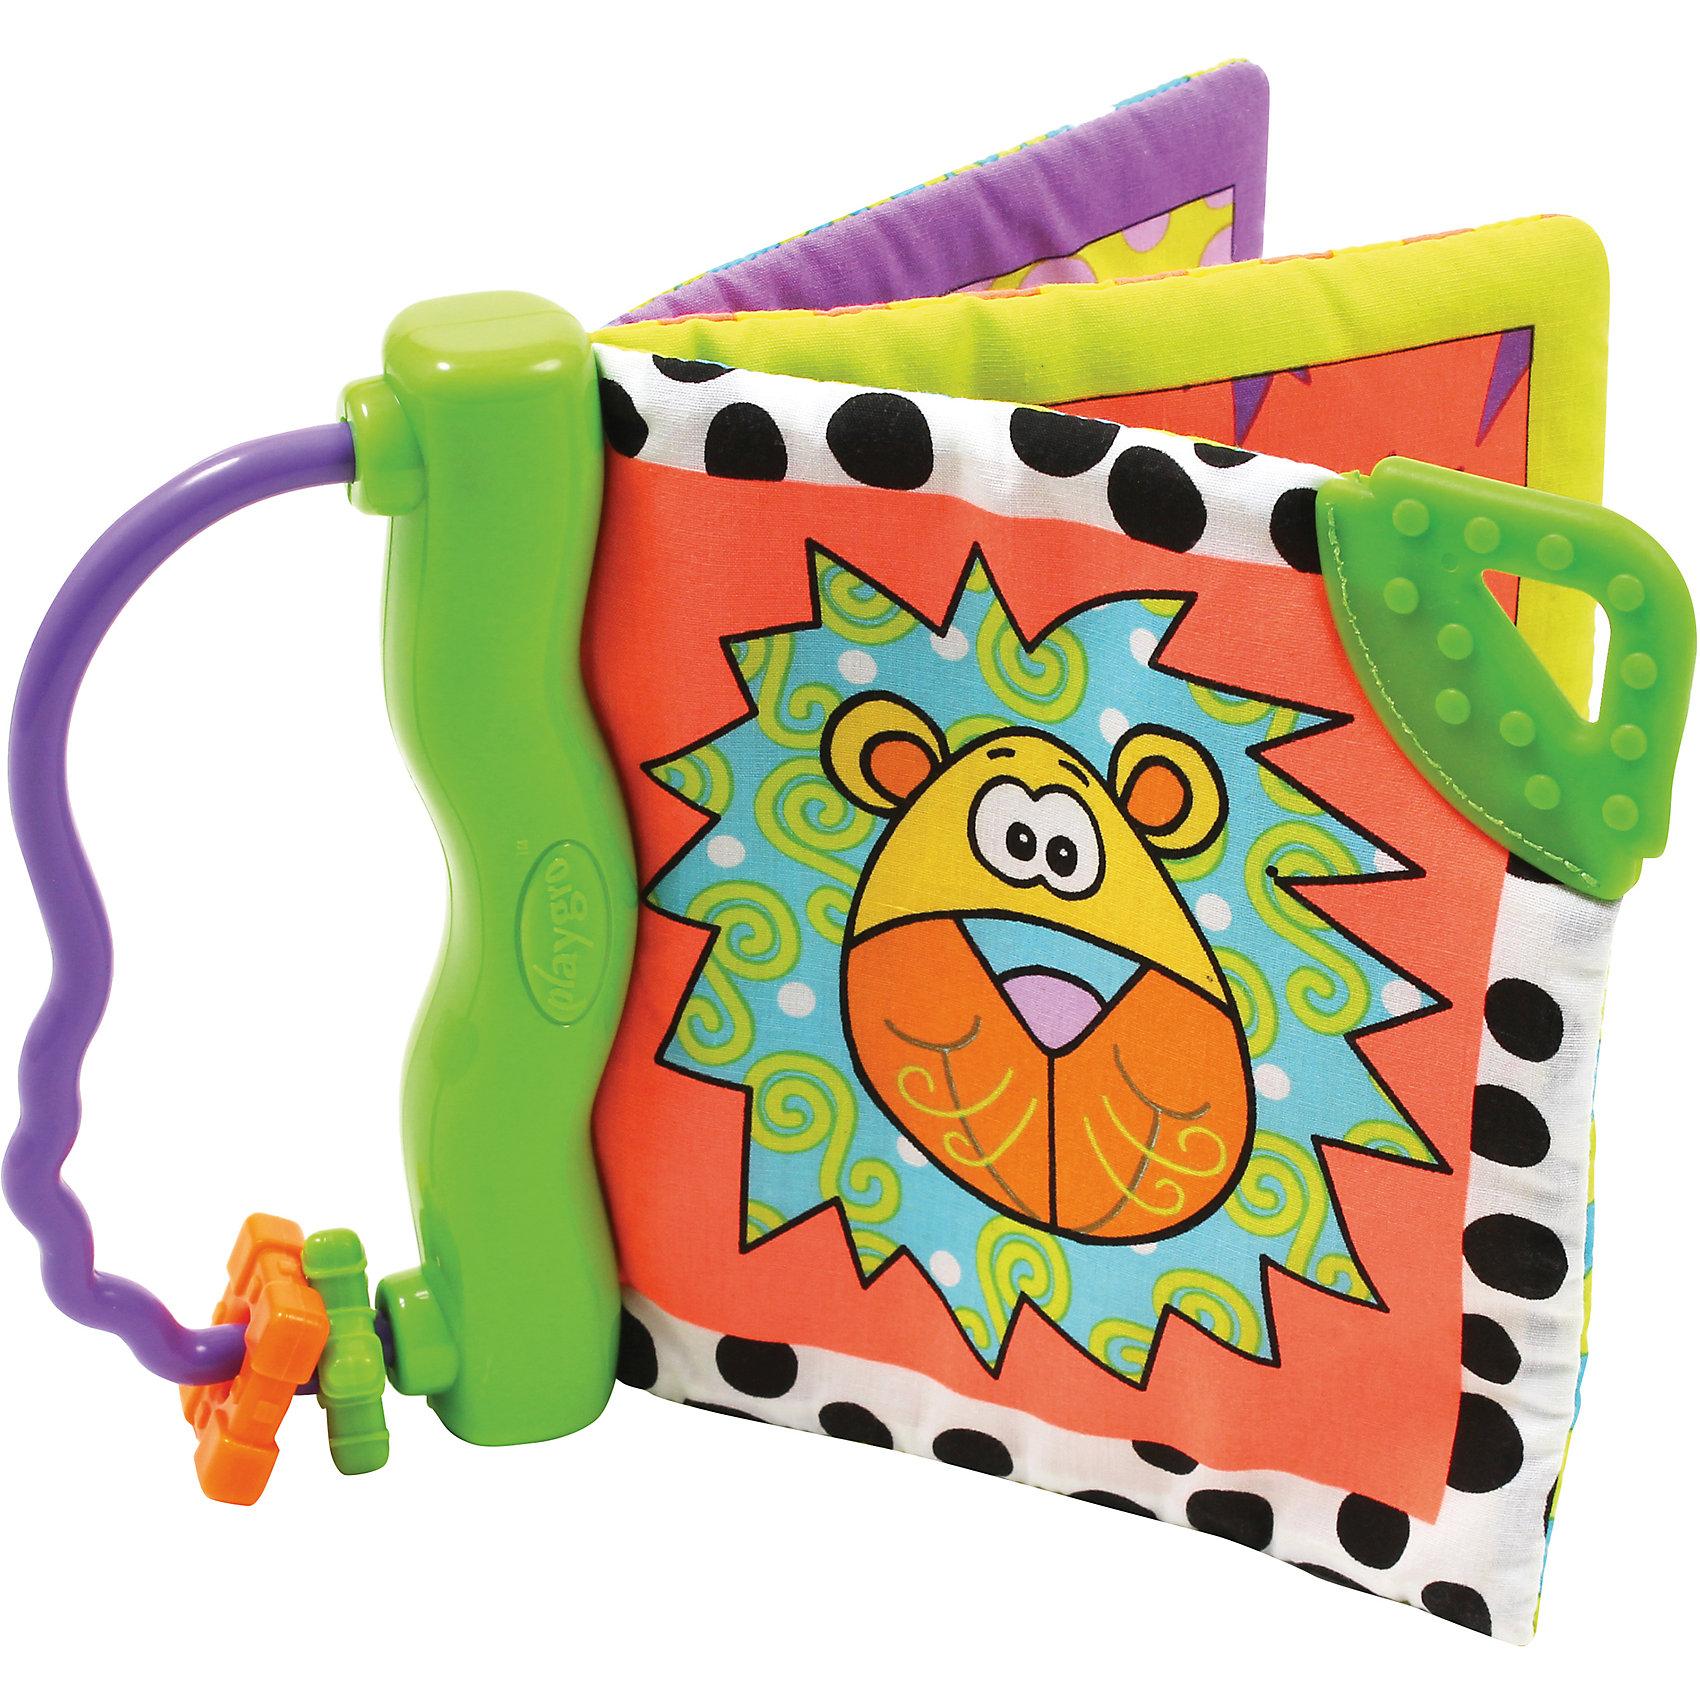 Книжка-прорезыватель Зоопарк PlaygroПрорезыватели<br>Книжка-прорезыватель Зоопарк Playgro (Плейгро) - первая книжка Вашего малыша! <br><br>С веселыми картинками книжки-прорезывателя Ваша кроха не только будет играть долгое время, но и сможет пожевать иголок - удобный рельефный прорезыватель поможет успокоить режущиеся зубки и воспаленные десна, пока забавная игрушка отвлекает малыша. К пластиковому основанию прикреплены страницы из хлопчатобумажной ткани с фактурными нашивками и шуршащим эффектом. <br><br>Книжку-прорезыватель Зоопарк Playgro можно купить в нашем интернет-магазине.<br><br>Дополнительная информация:<br>- Размер упаковки: 14,5 х 2 х 14,5 см.<br><br>Ширина мм: 145<br>Глубина мм: 20<br>Высота мм: 145<br>Вес г: 50<br>Возраст от месяцев: 6<br>Возраст до месяцев: 24<br>Пол: Унисекс<br>Возраст: Детский<br>SKU: 2382855